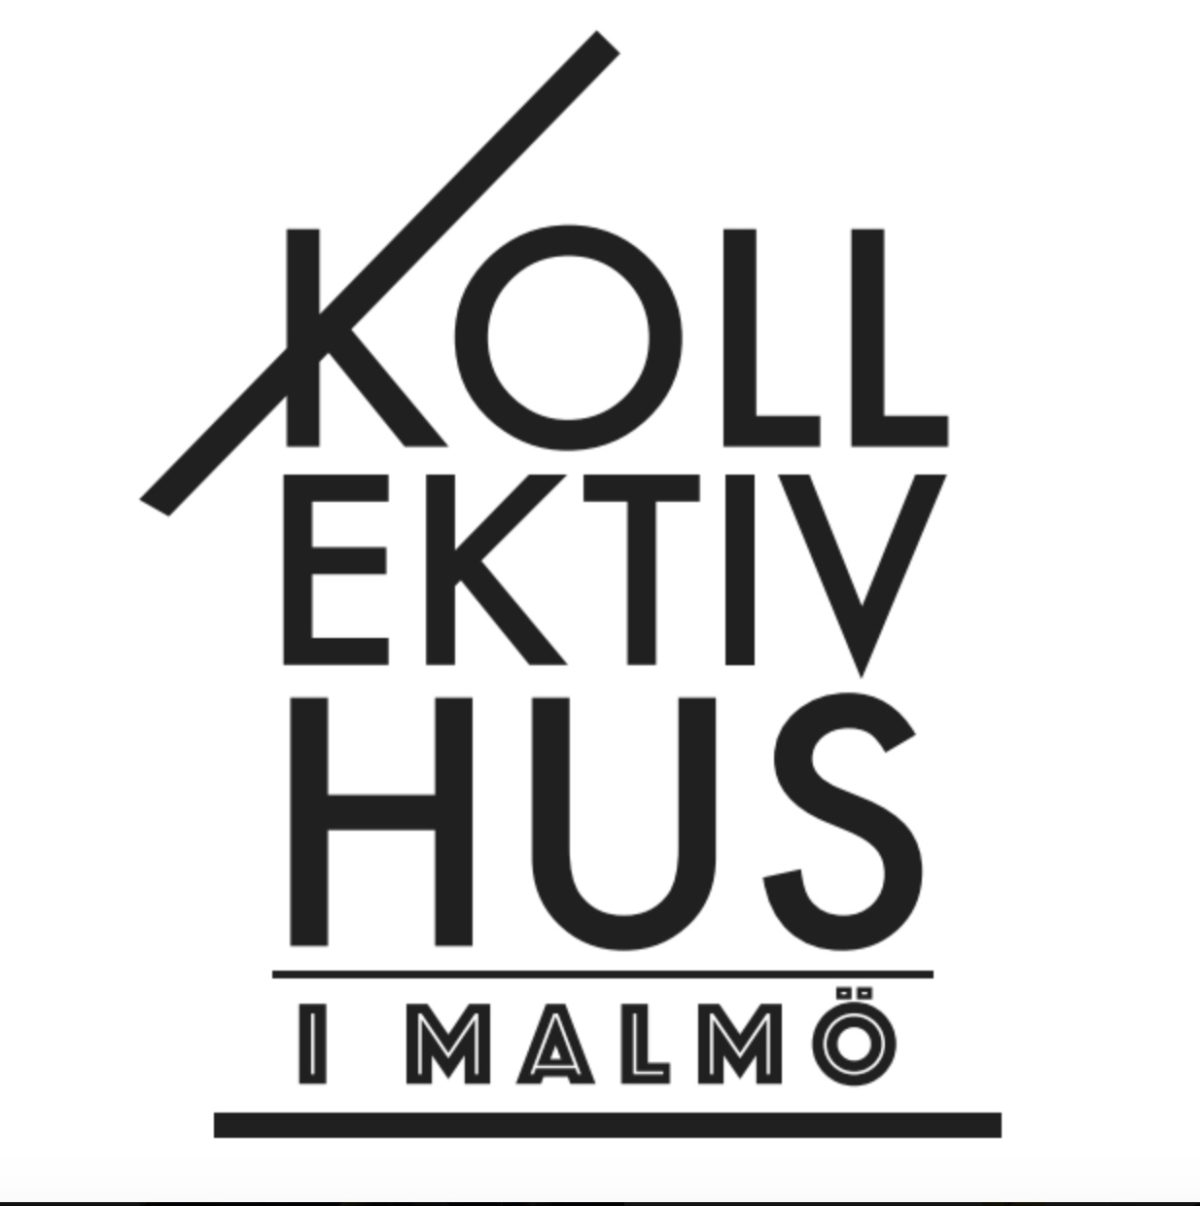 KiM, Kollektivhus i Malmö, startar tre grupper för att få igång fler kollektivhus